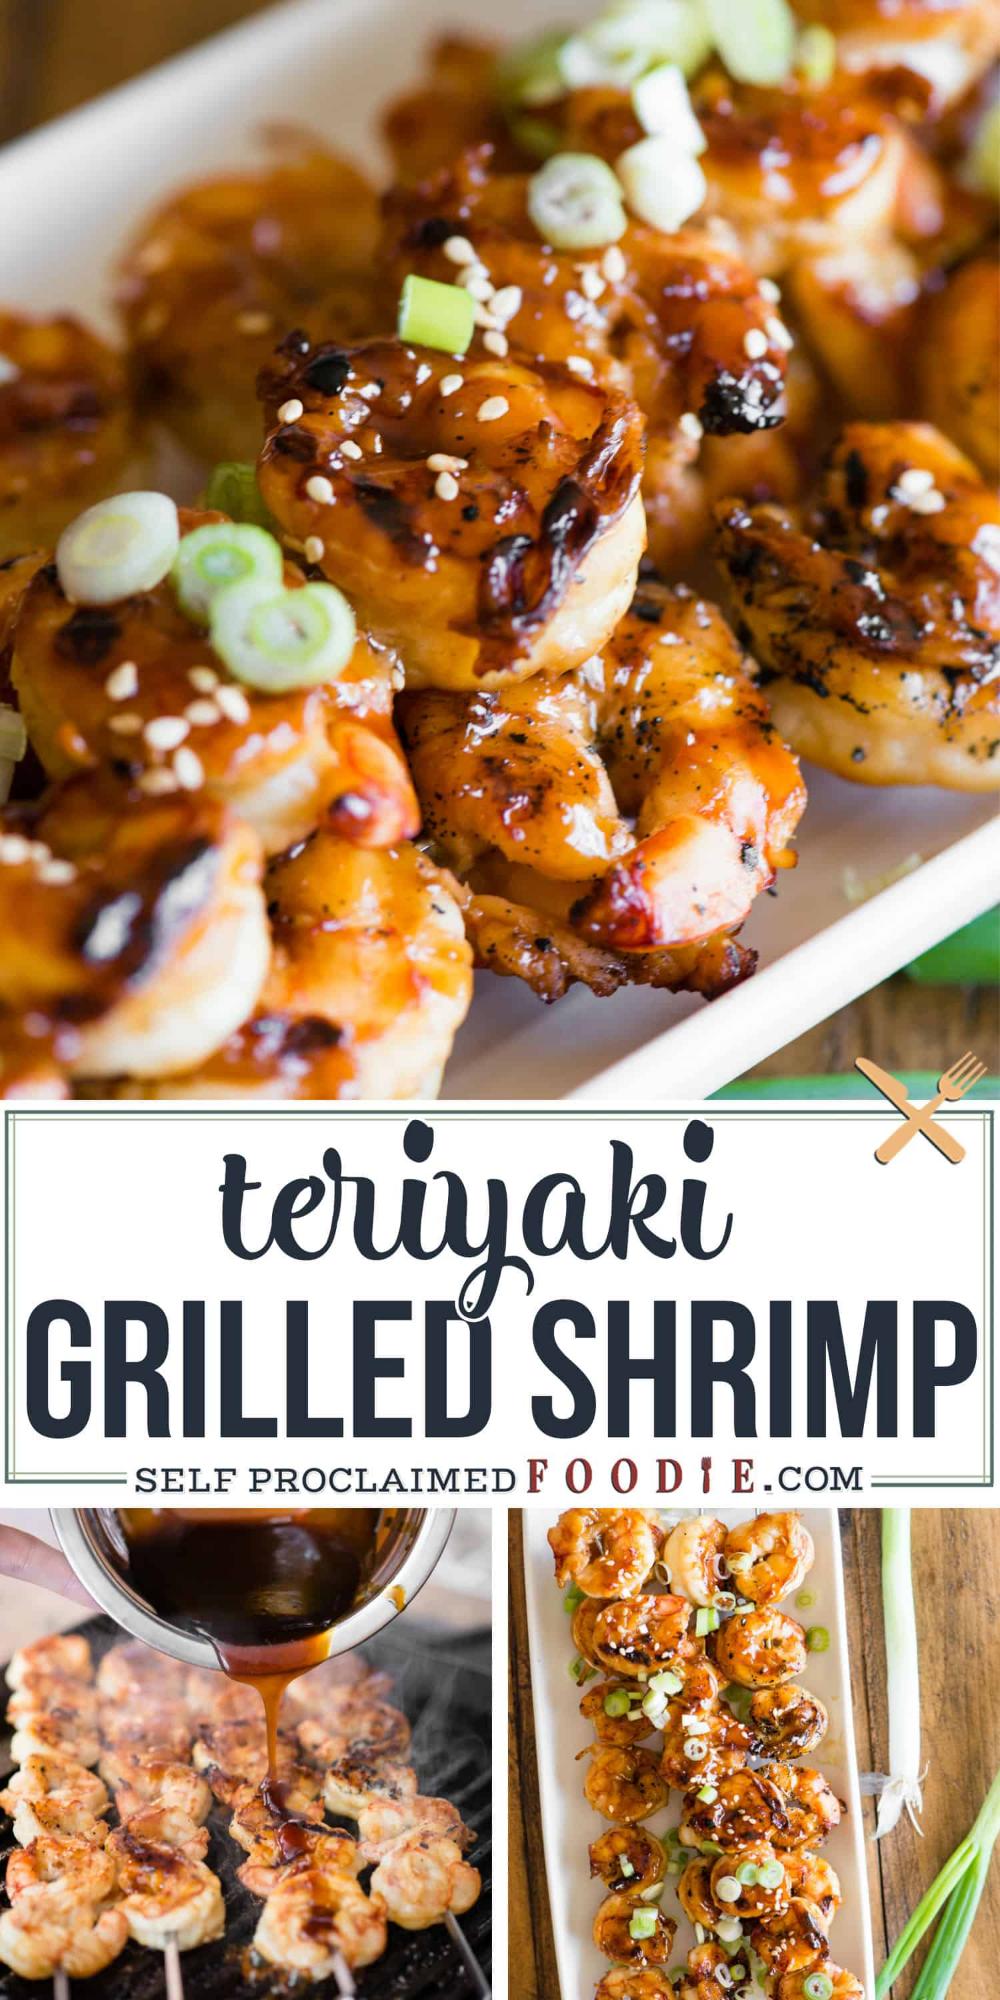 {Easy Grilled} Easy Teriyaki Shrimp Skewers Skewers | Self Proclaimed Foodie